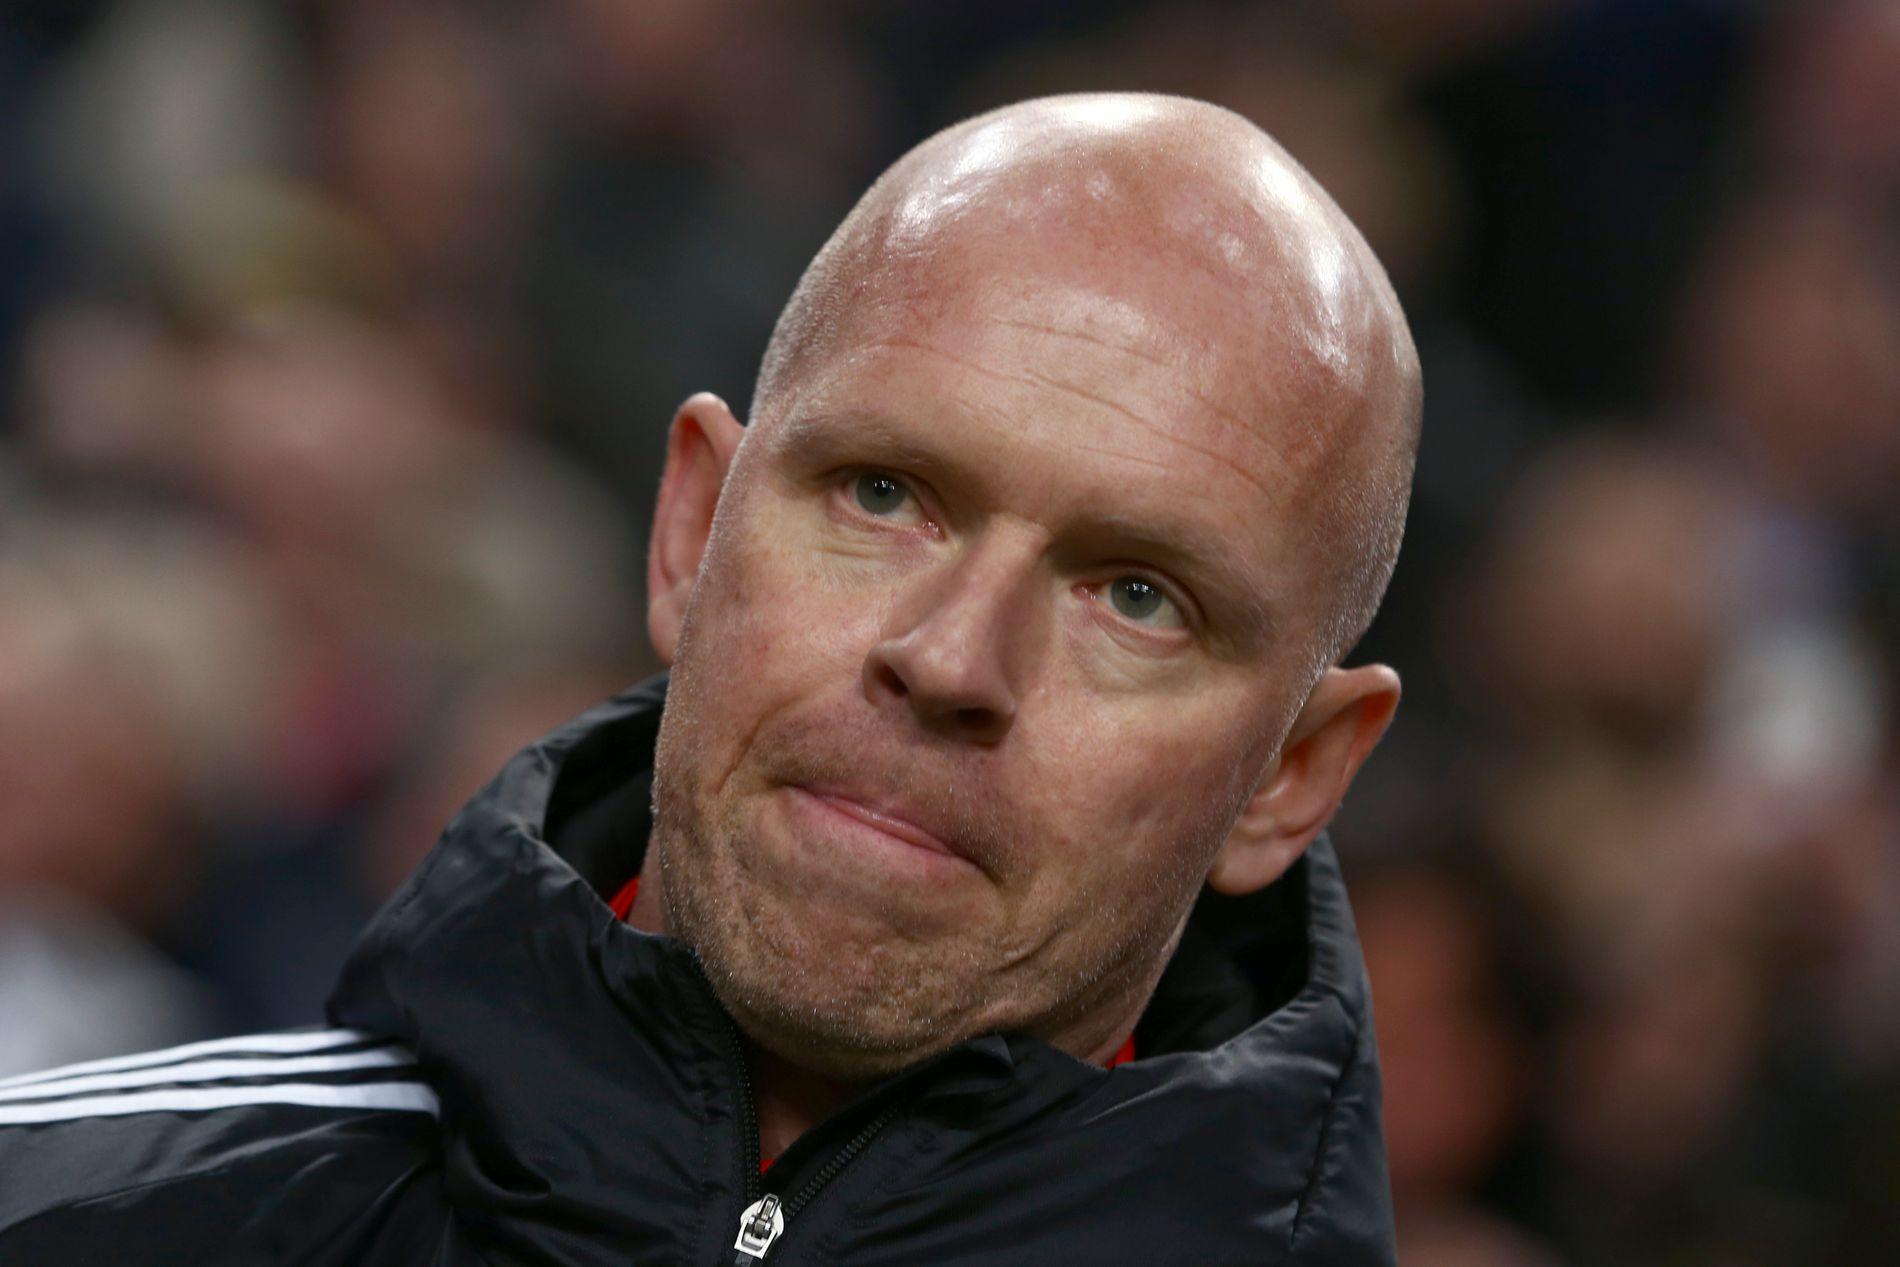 UAKTUELL: Henning Berg har vært koblet til den ledige trenerjobben i Sandefjord, men sier selv at det er uaktuelt å ta den jobben.